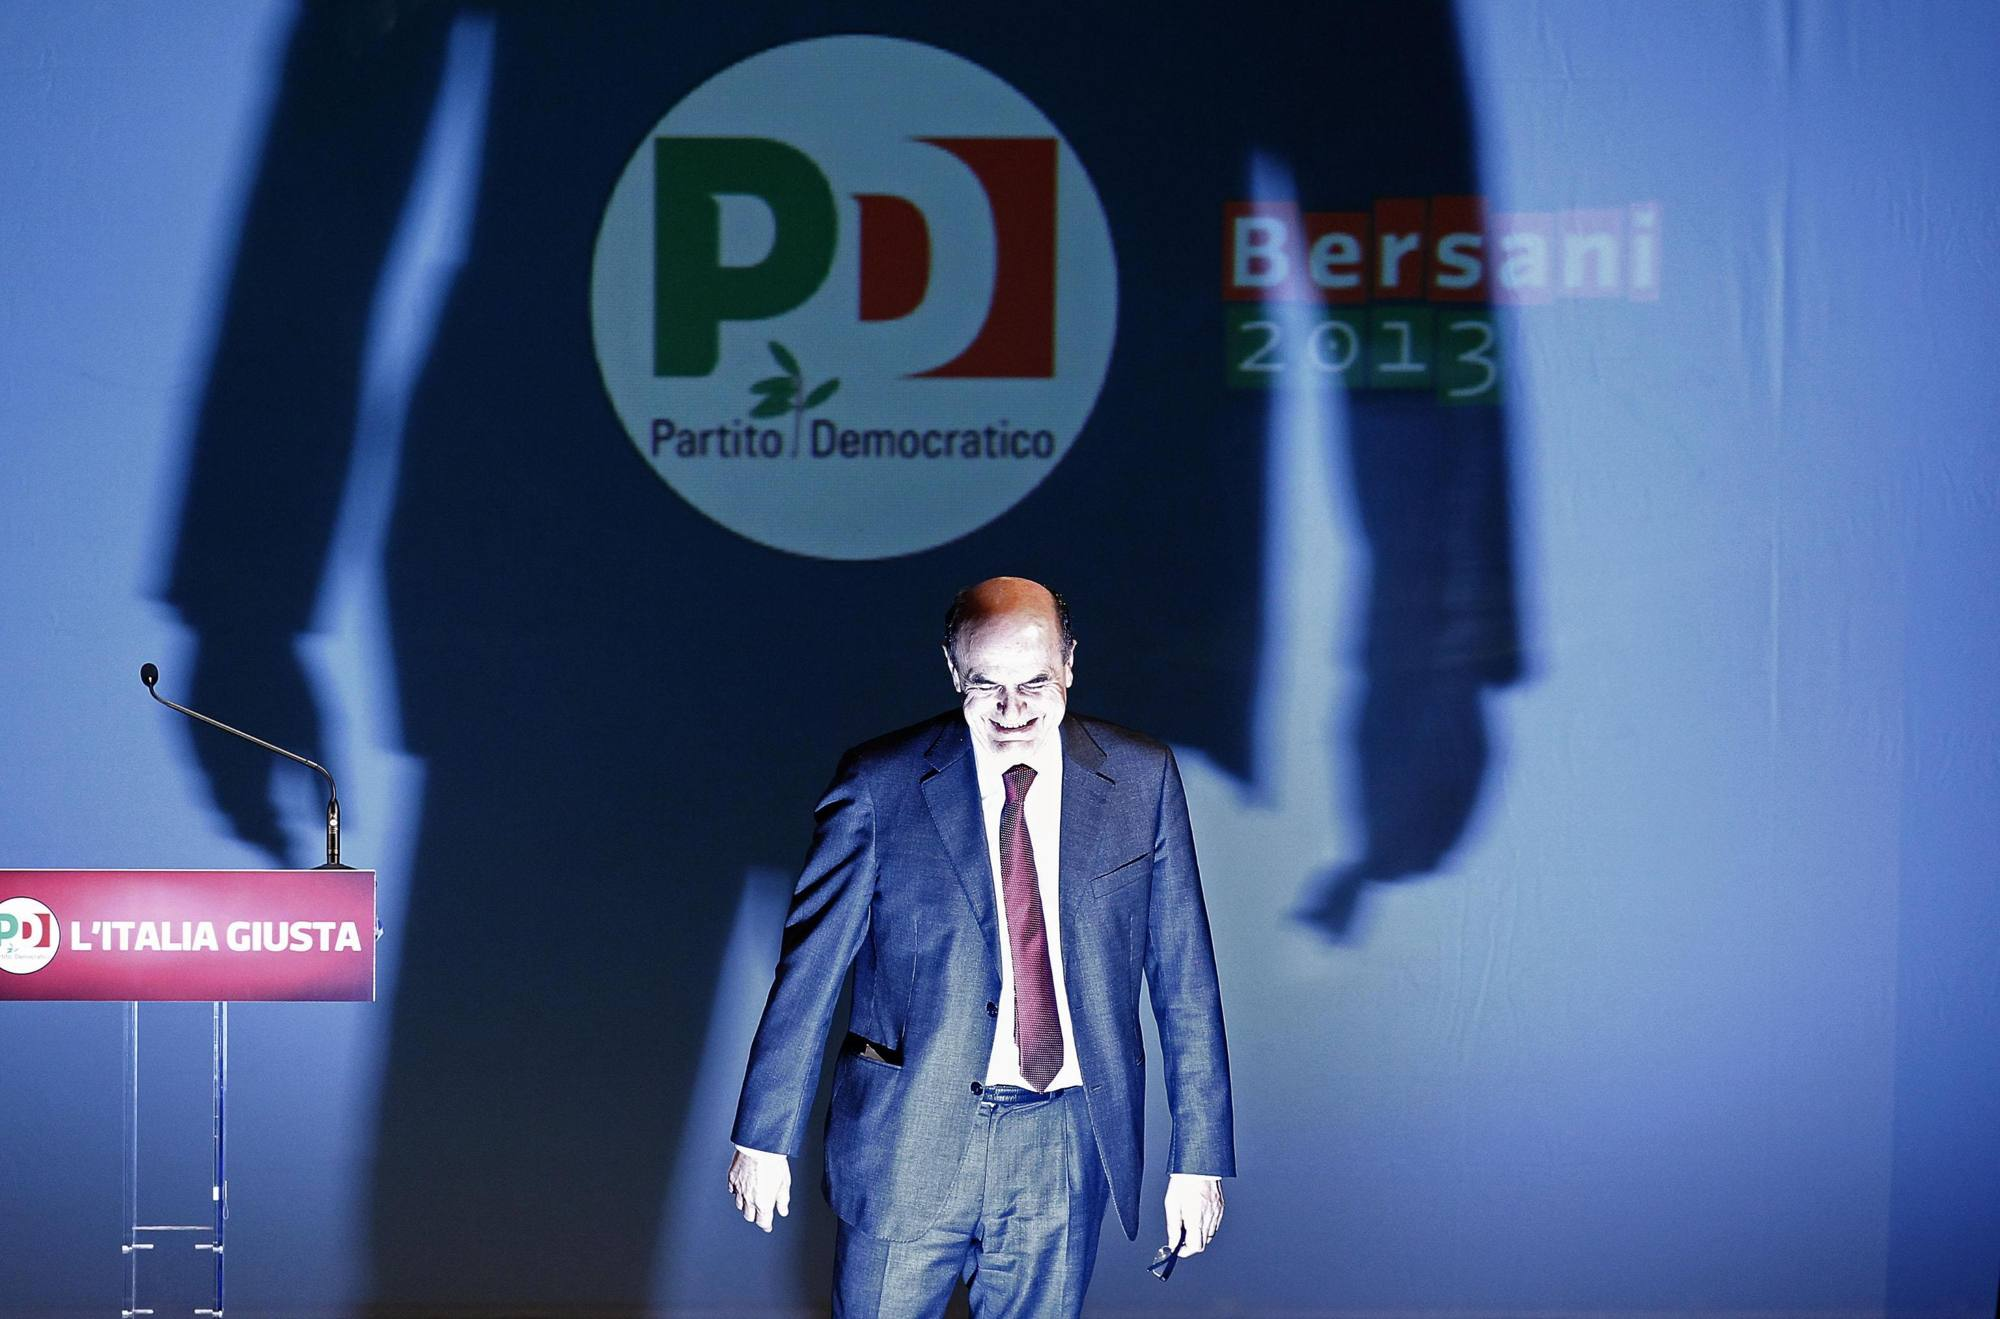 Pier Luigi Bersani (Ansa/Di Meo)